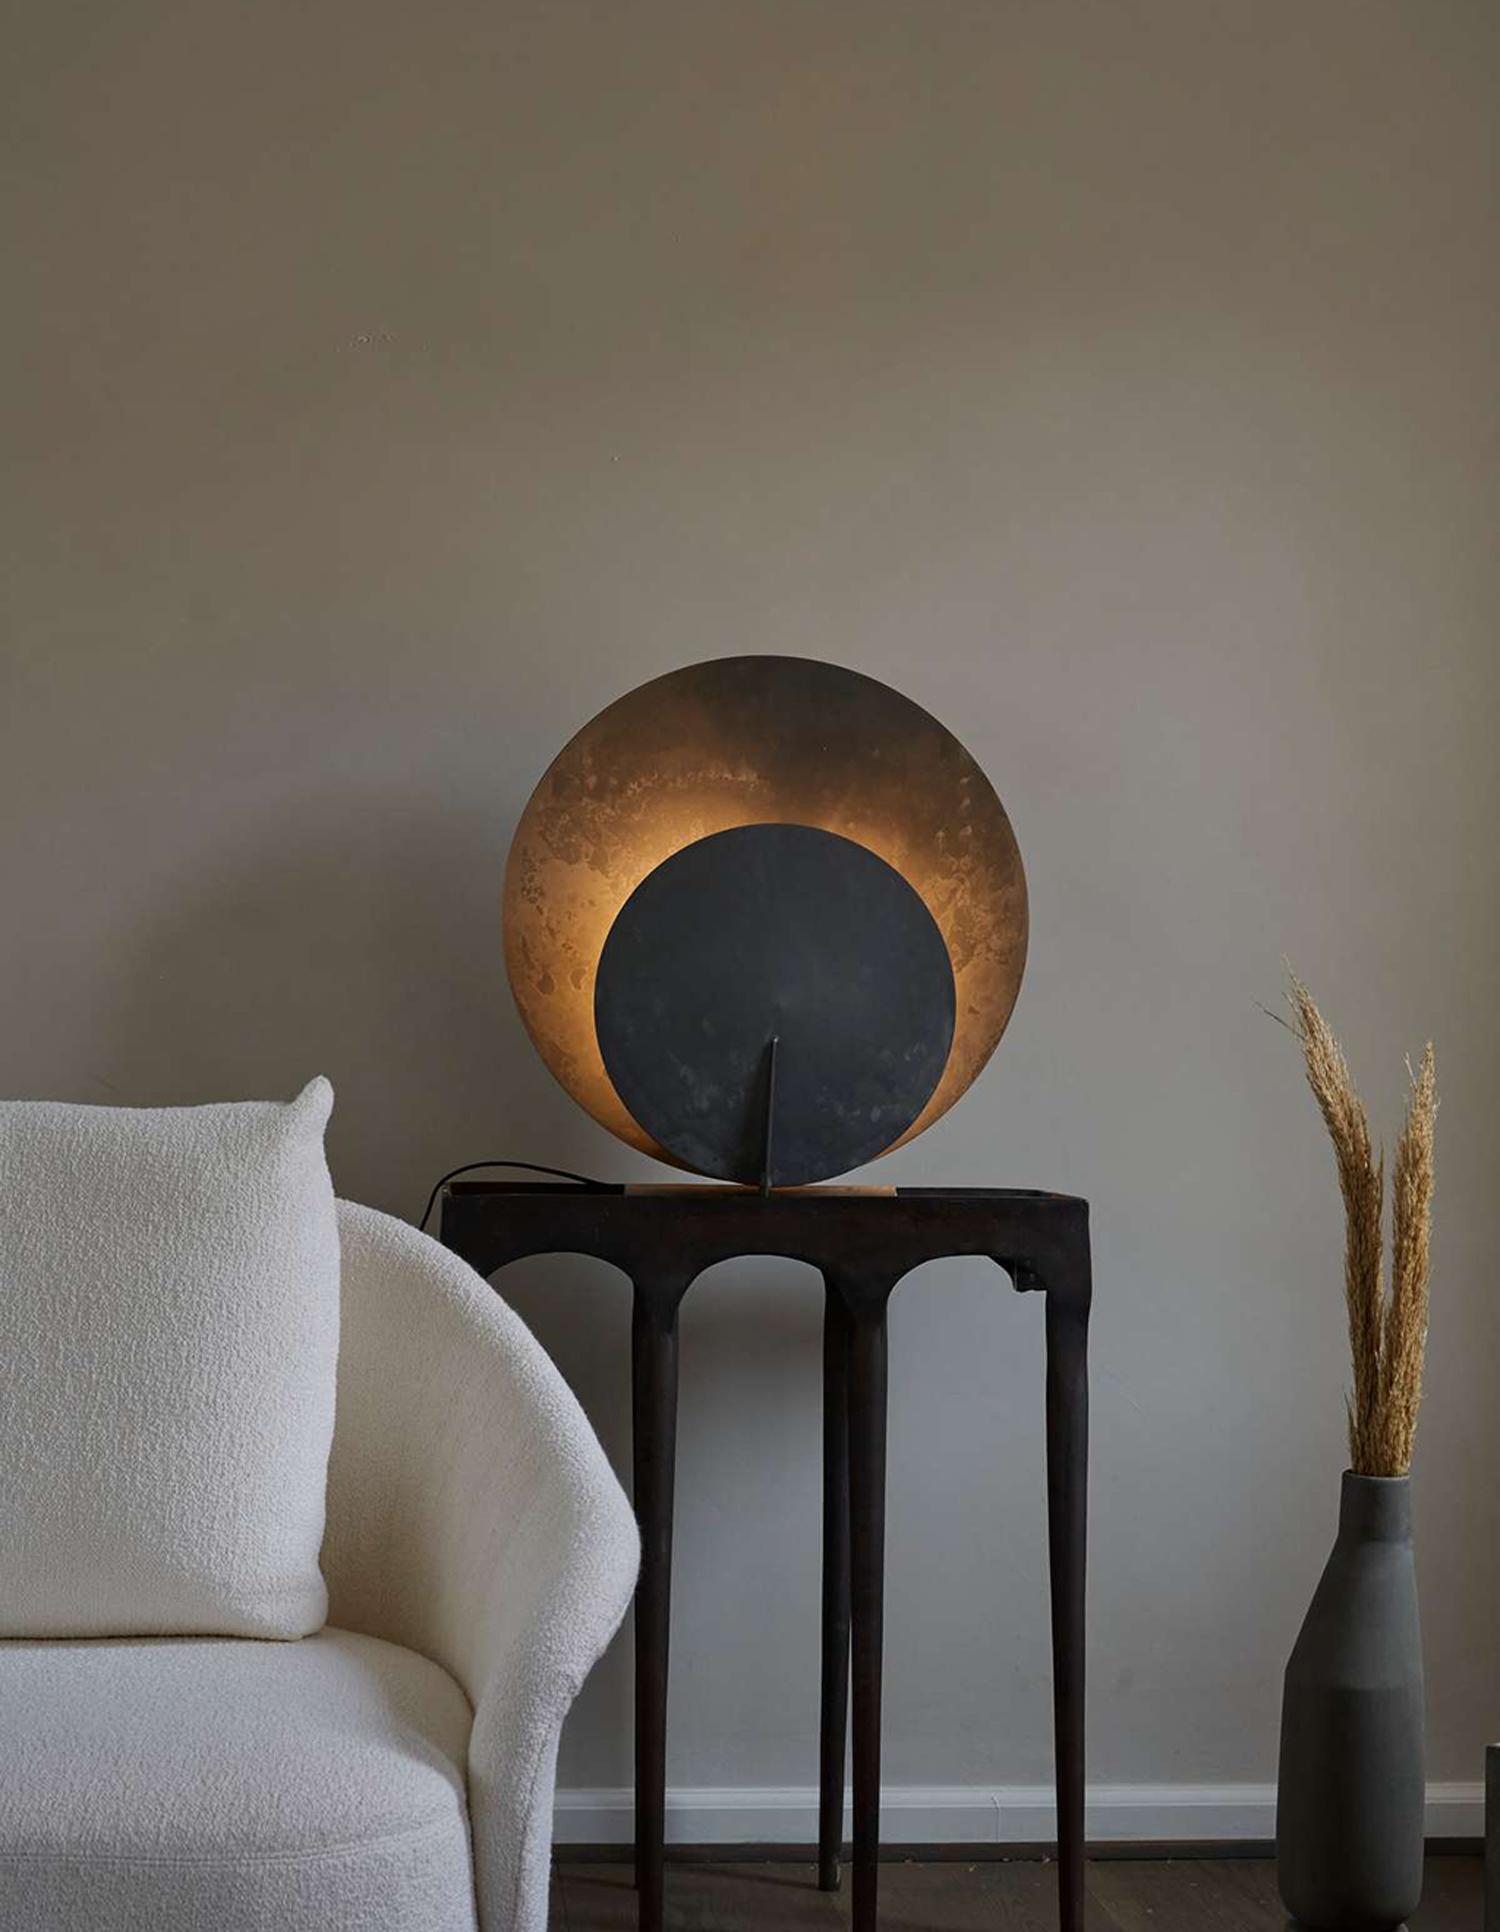 101 Copenhagen AD Floor Lamp on the table